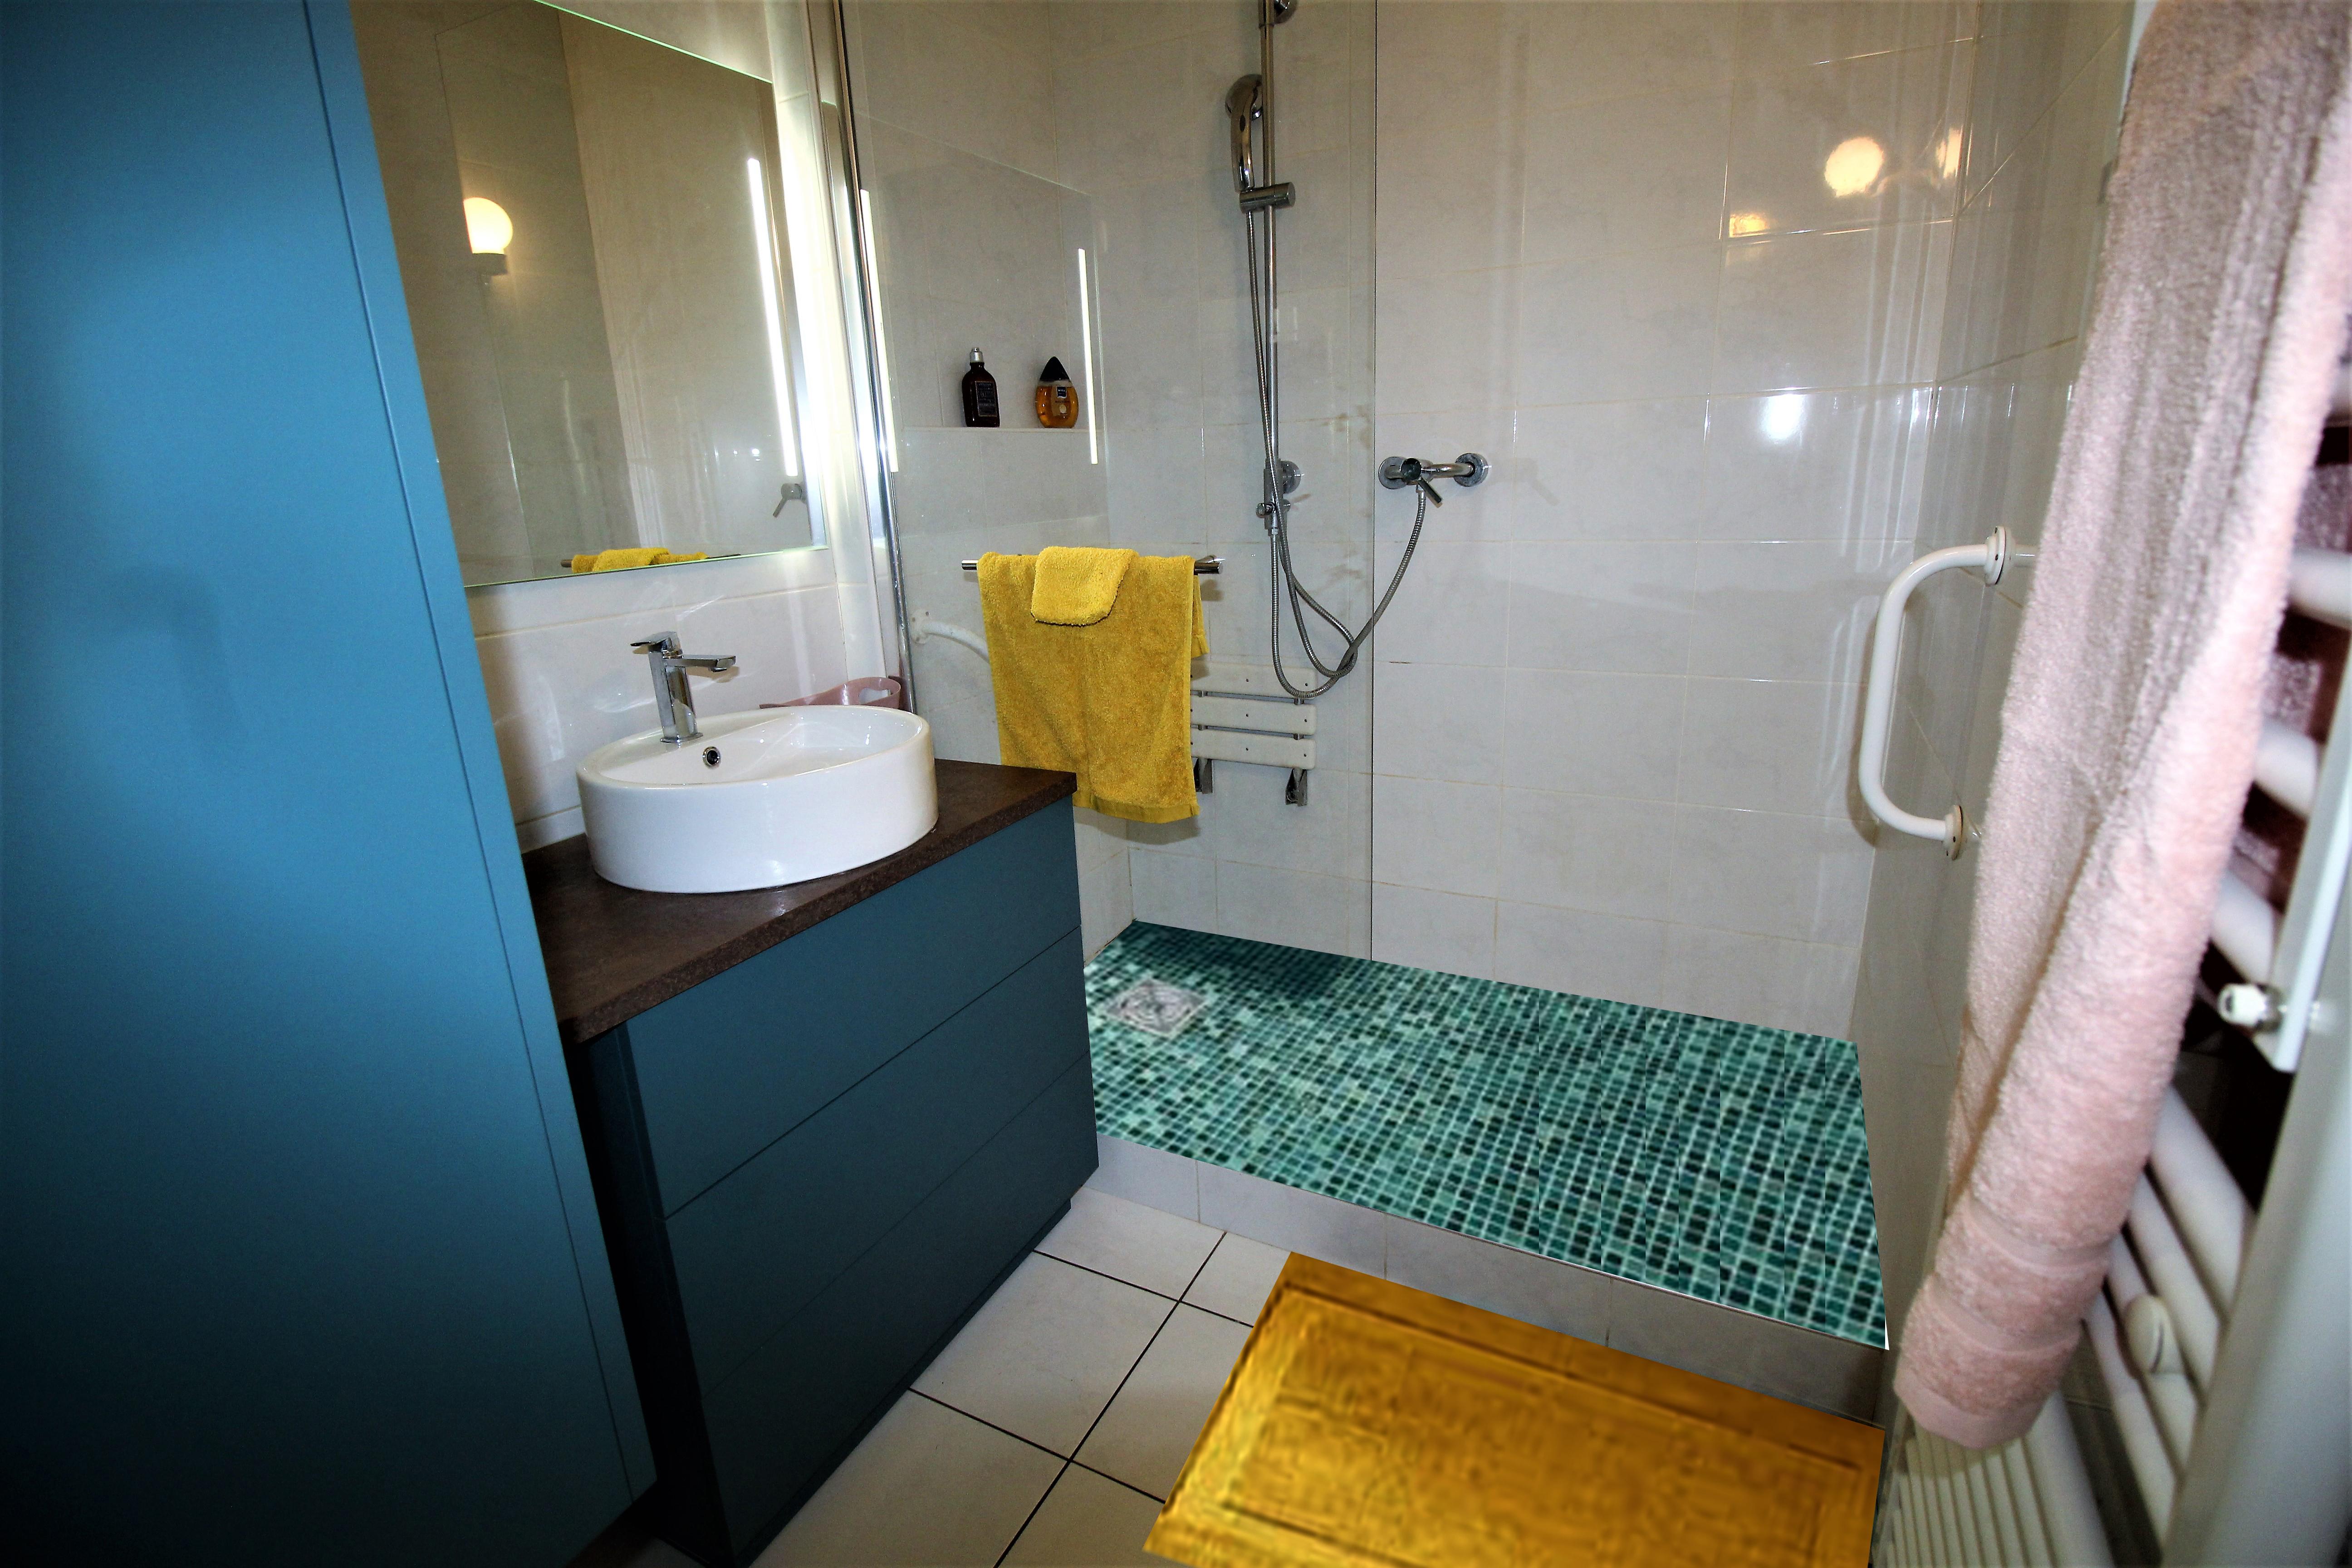 Couleur Vert Salle De Bain rénovation d'une salle de bain couleur émeraude à sainte foy